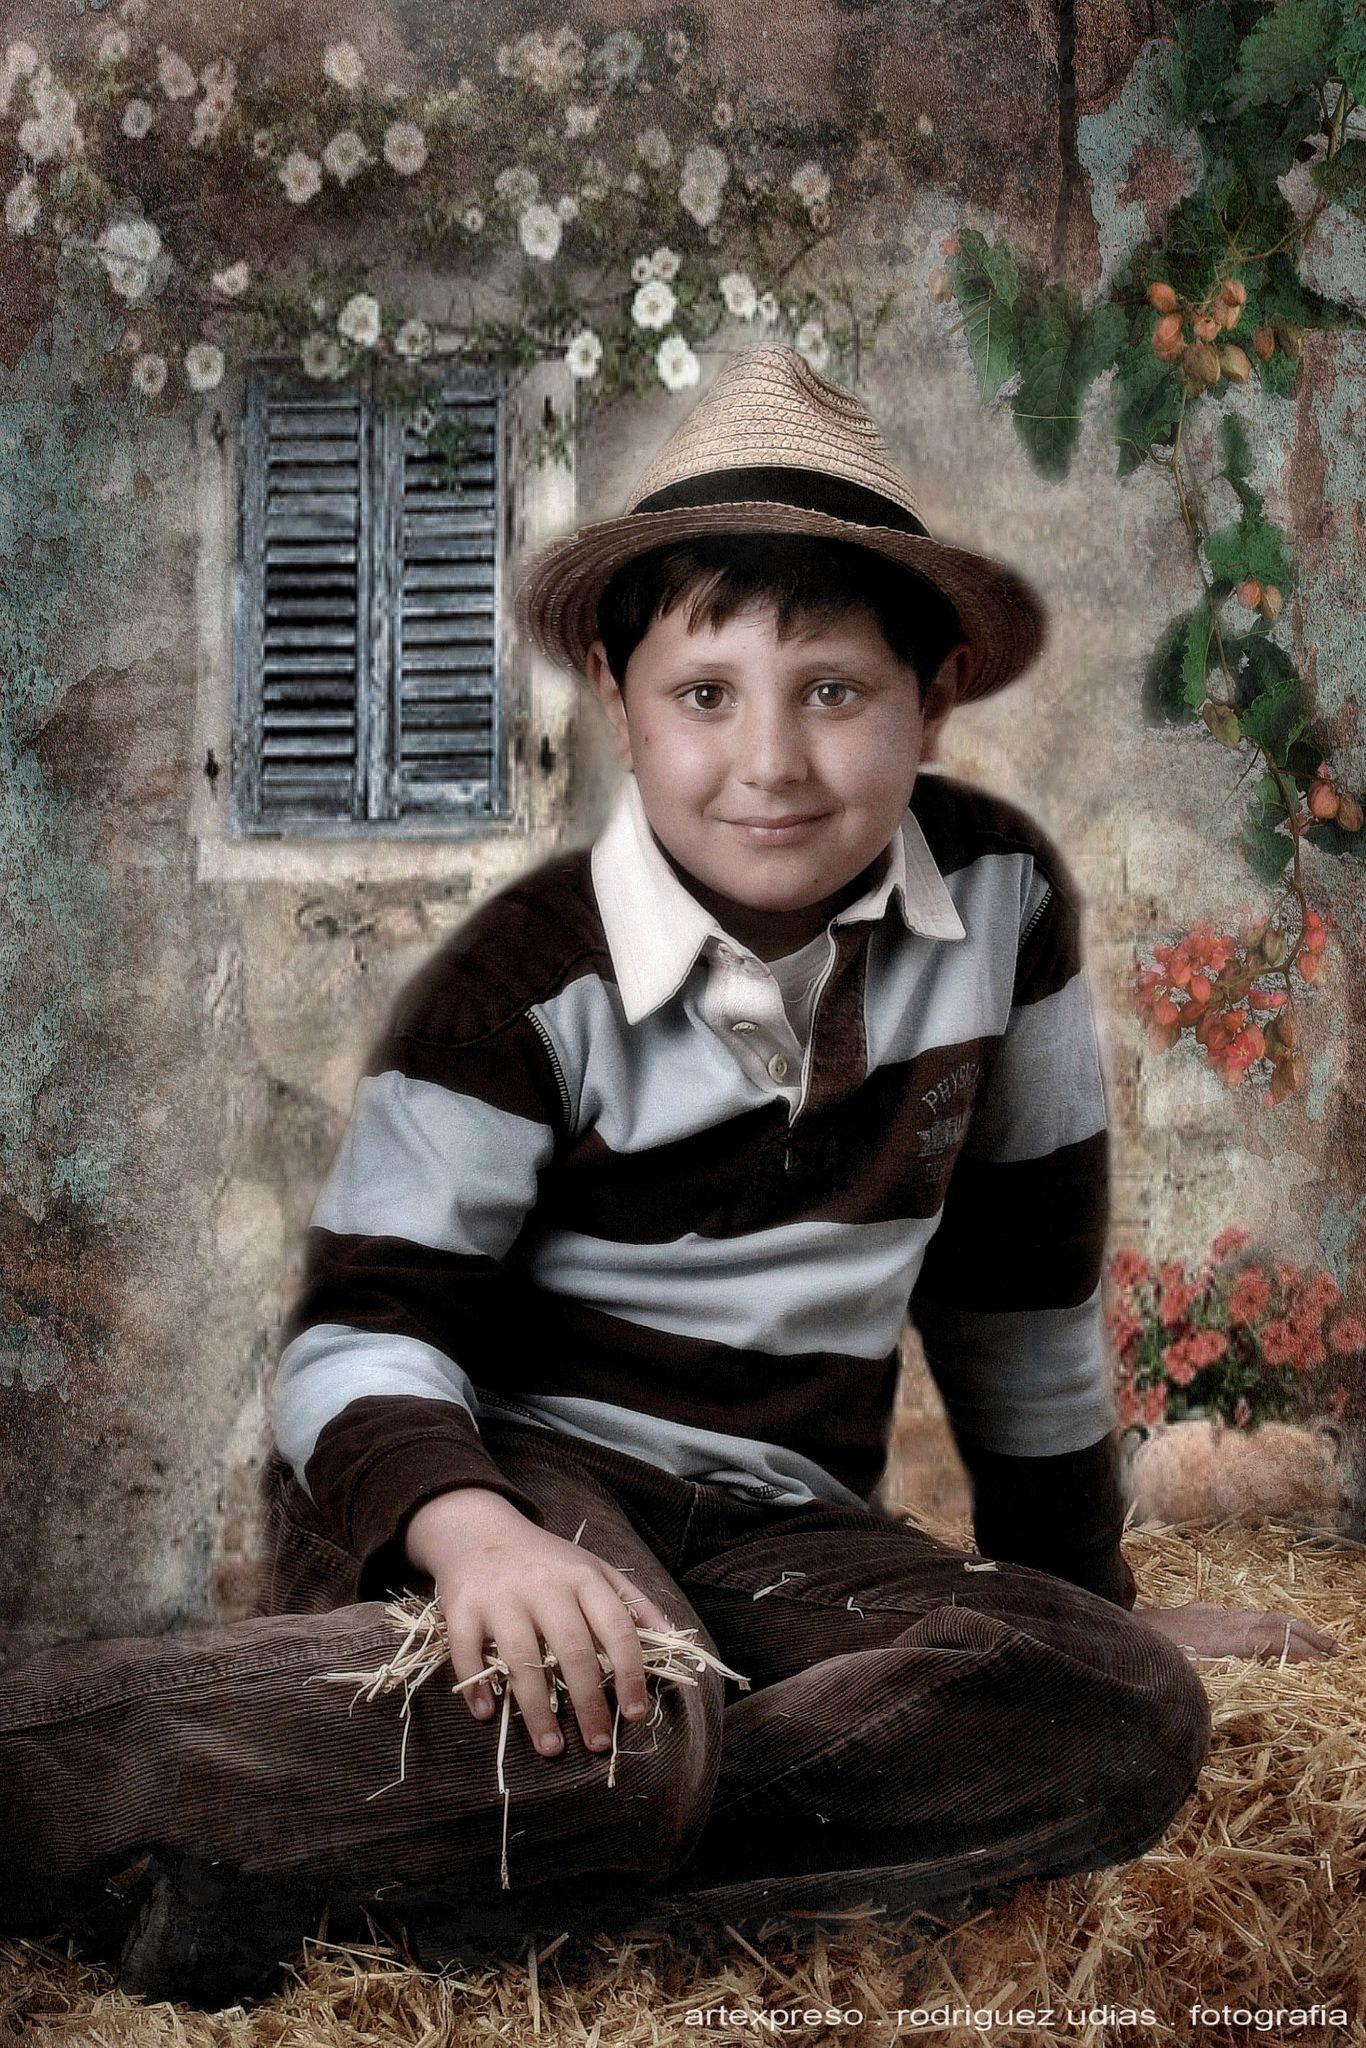 https://flic.kr/p/Da3ENZ   Estudio 18 . Christian   Sorrisos do Brasil / Emotional Photography .. Trabalho totalmente diferenciado. Books, Casamentos & Eventos .. Criatividade além da fotografia .. / Artexpreso . Rodriguez Udias .. Website: rodudias.wix.com/artexpreso Contato: 31 99125 6283